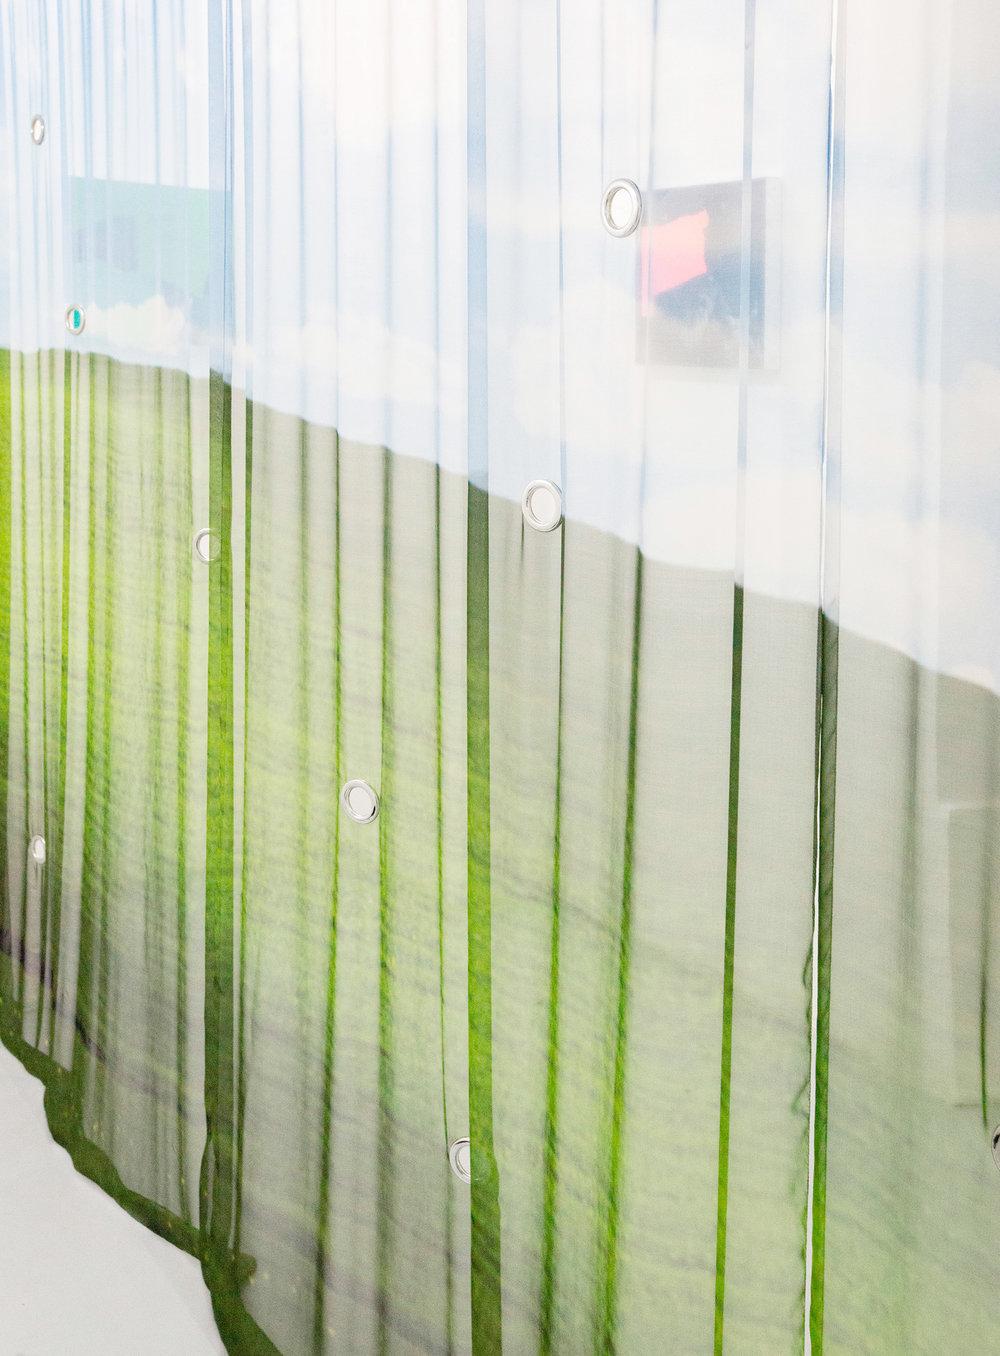 16 Andrea Martinucci - Glory Black Hole, exhibition view, Dimora Artica (ph Andrea Cenetiempo).jpg